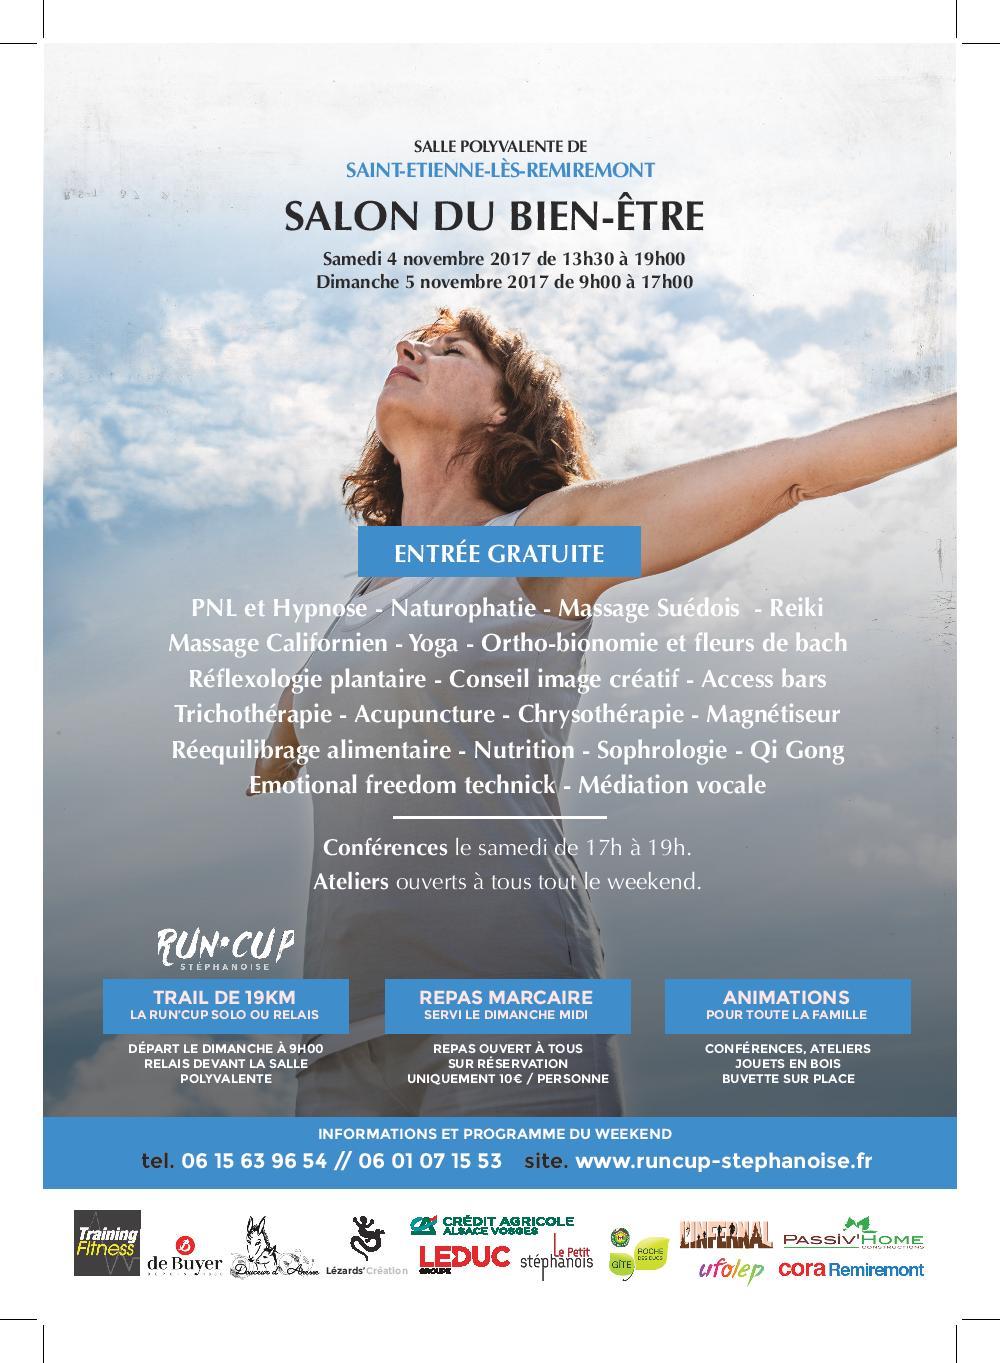 Saint etienne l s remiremont salon du bien tre samedi 4 - Les jardins du bien etre saint etienne ...